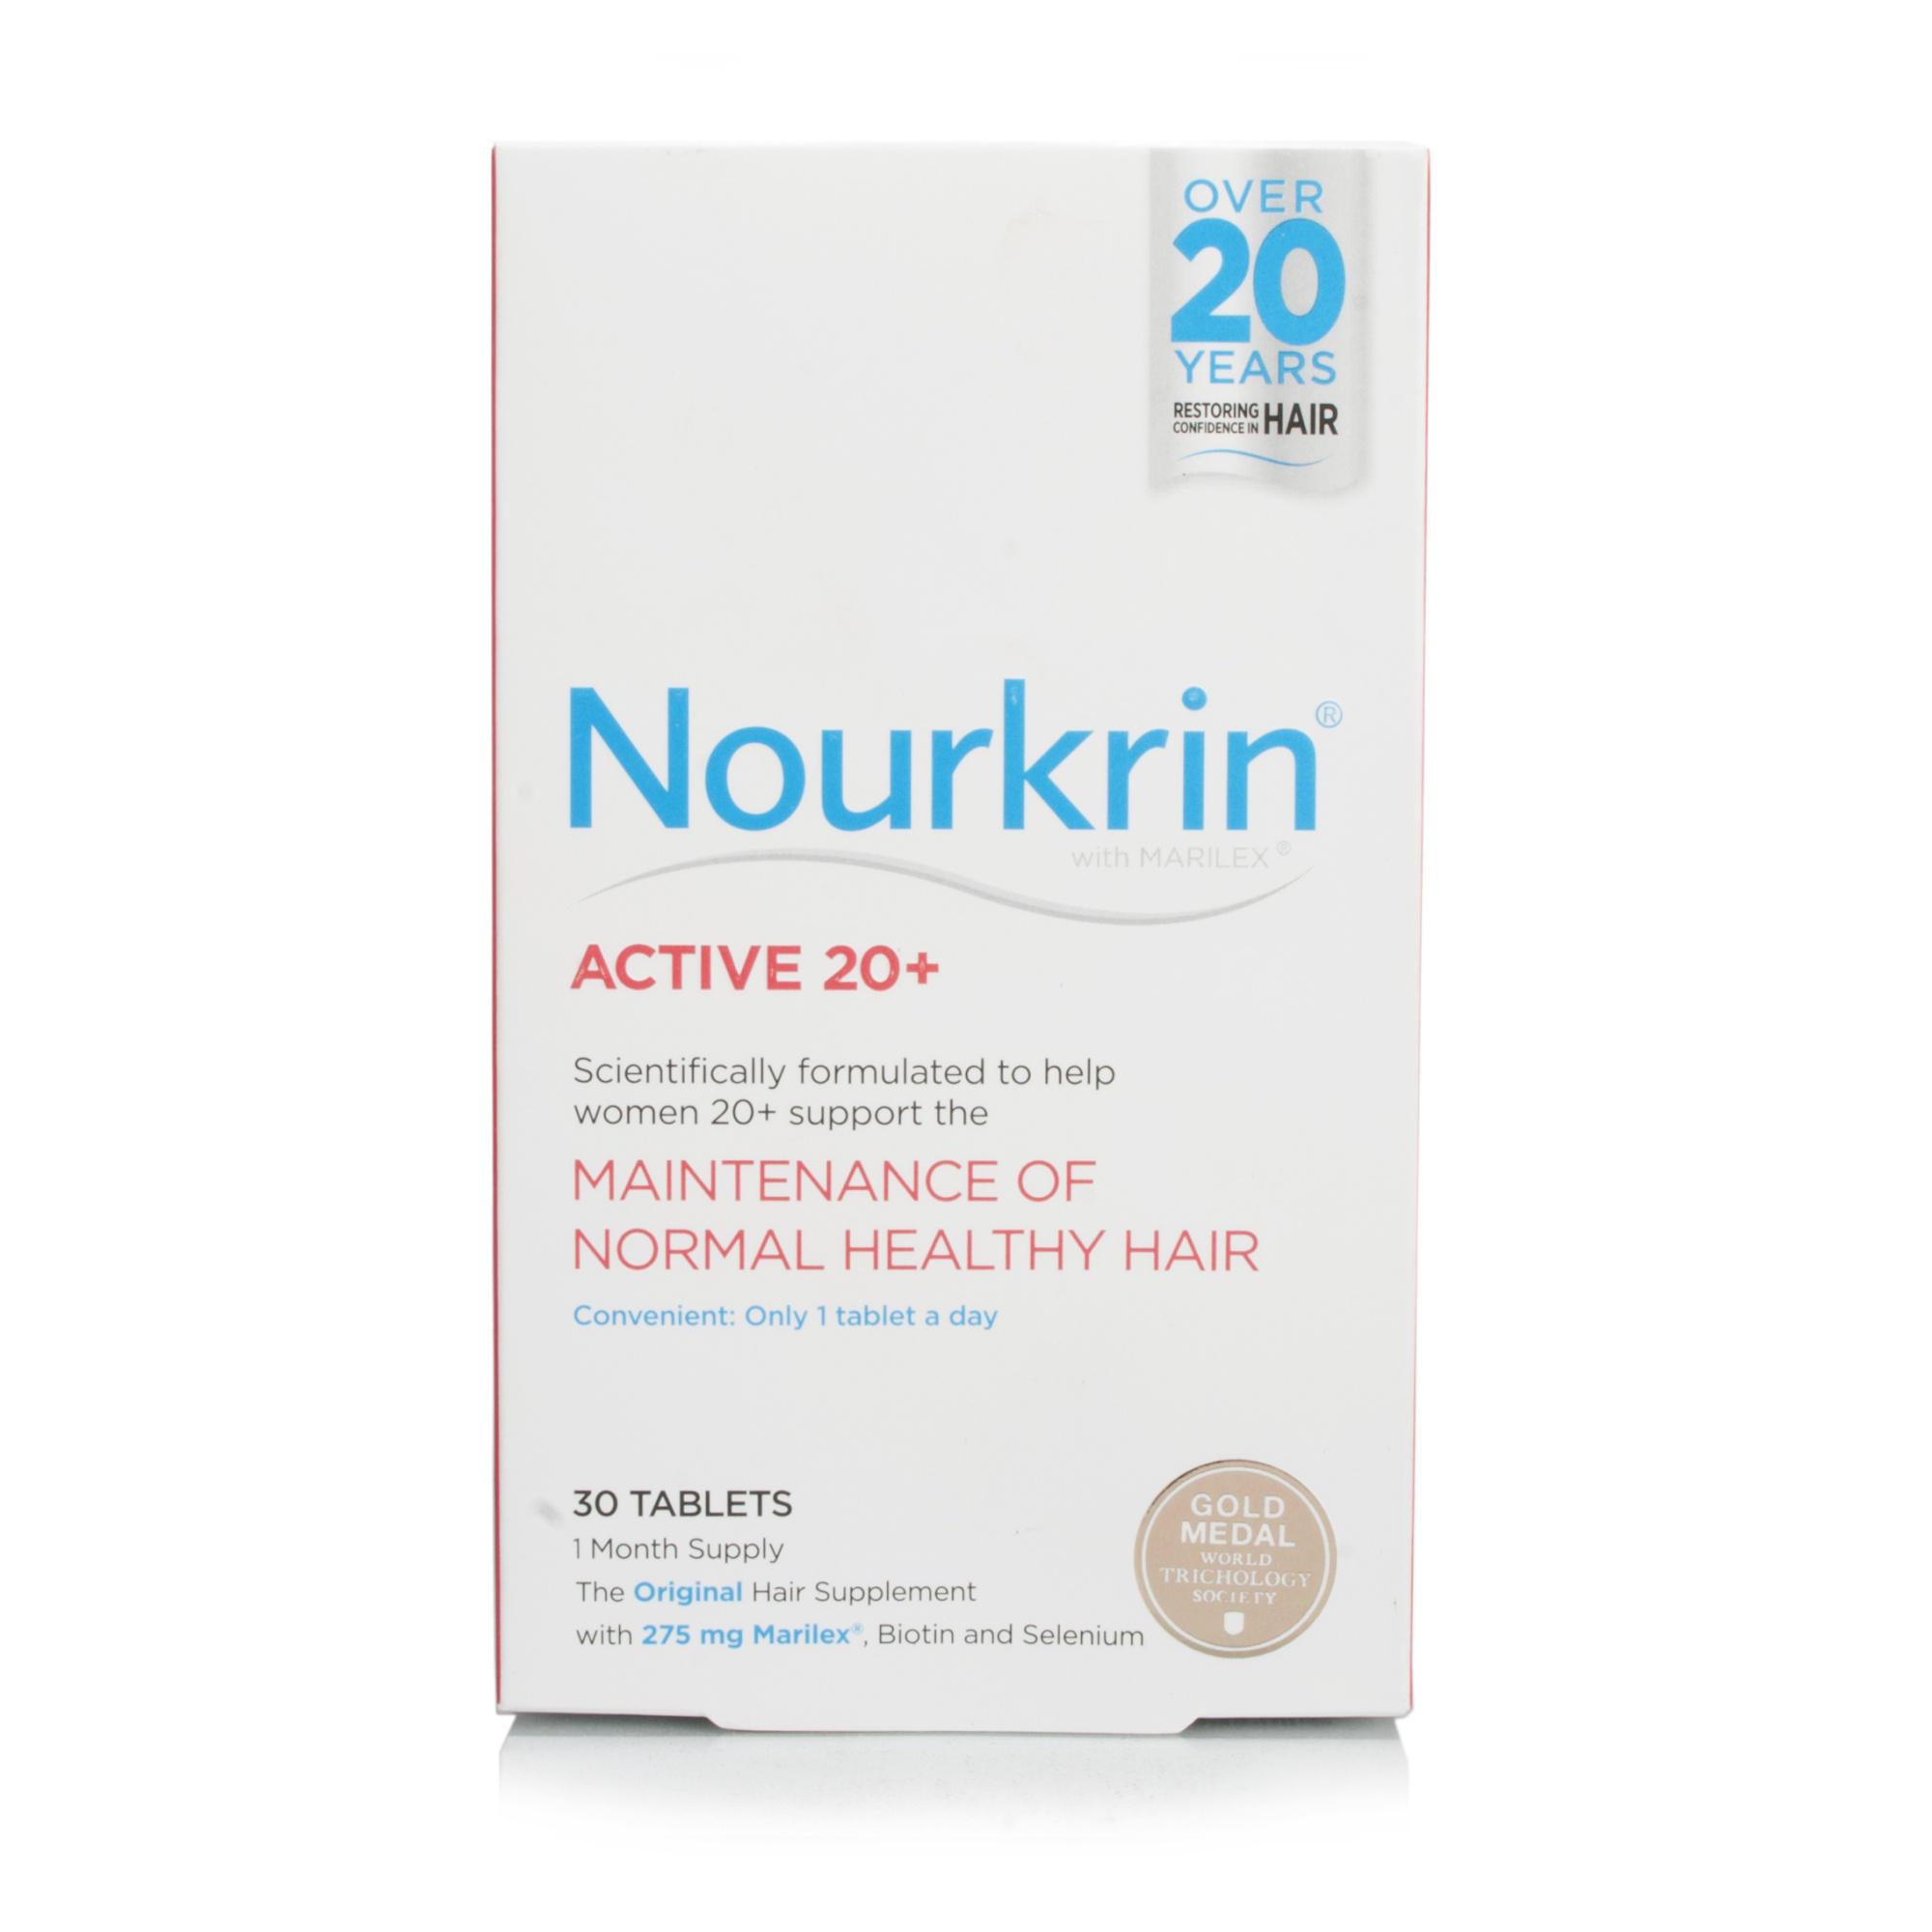 Nourkrin Active 20 1 Month Supply